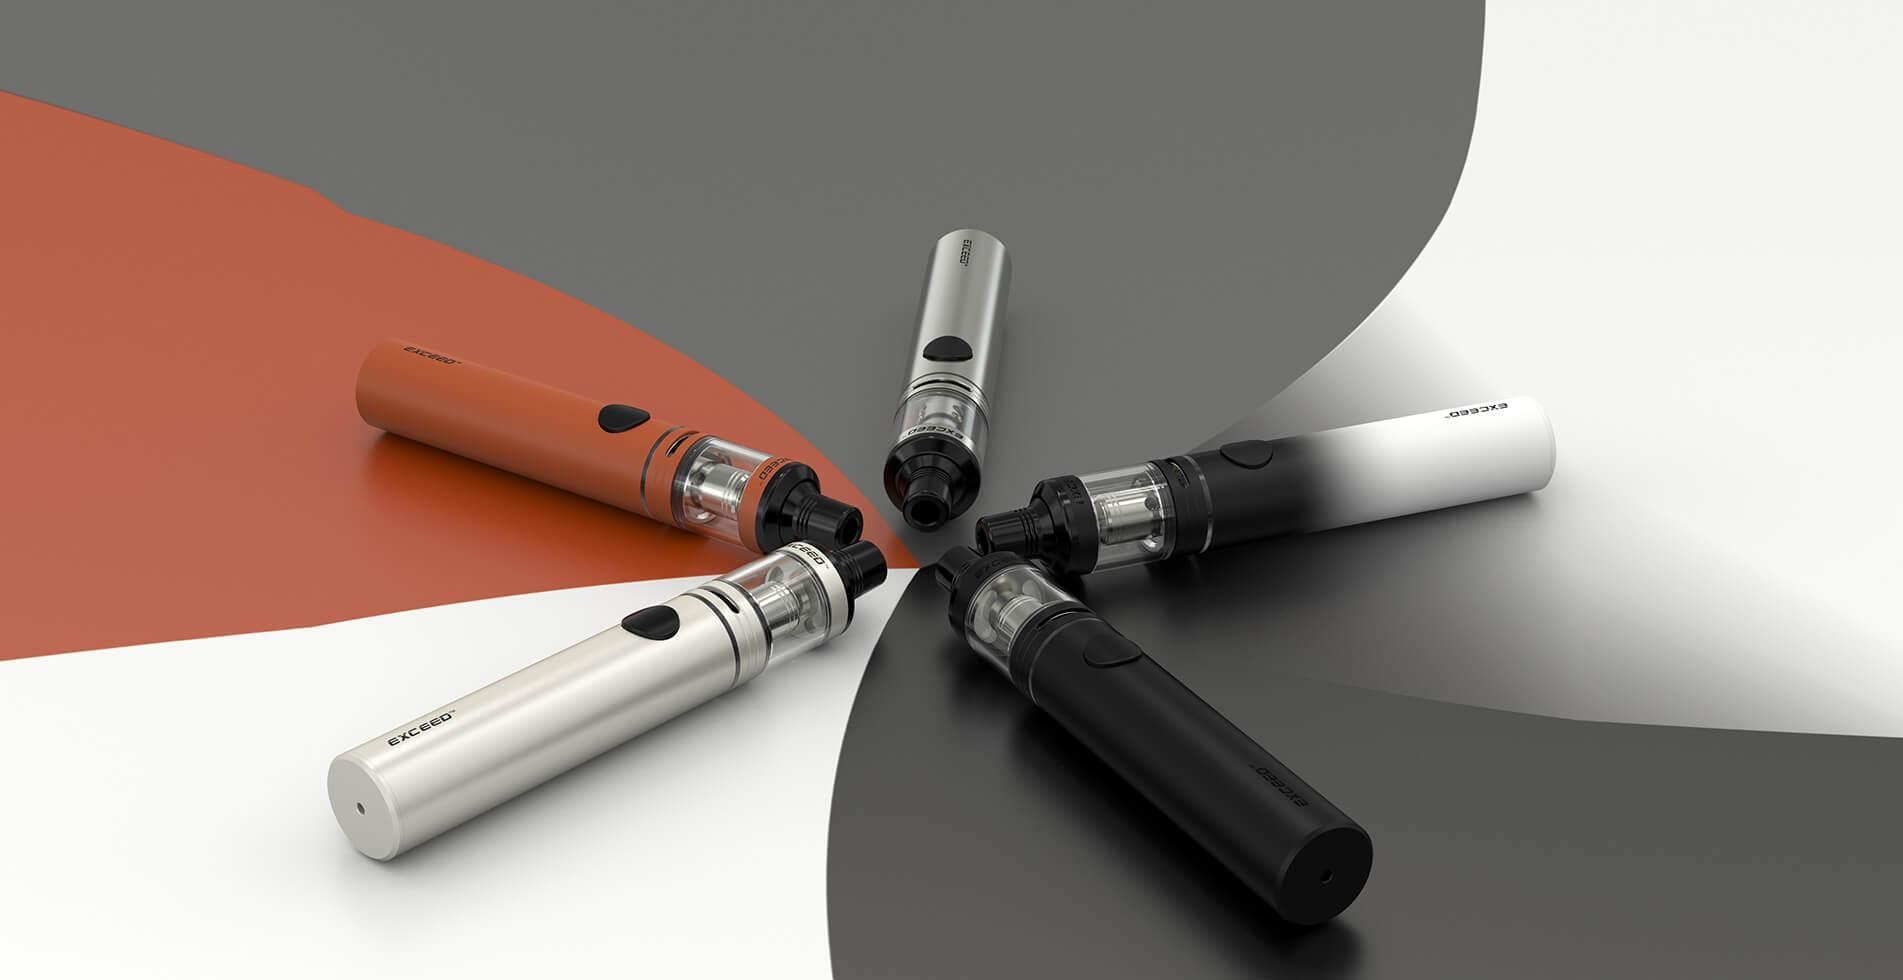 Barevné variace elektronické cigarety Joyetech Exceed D19